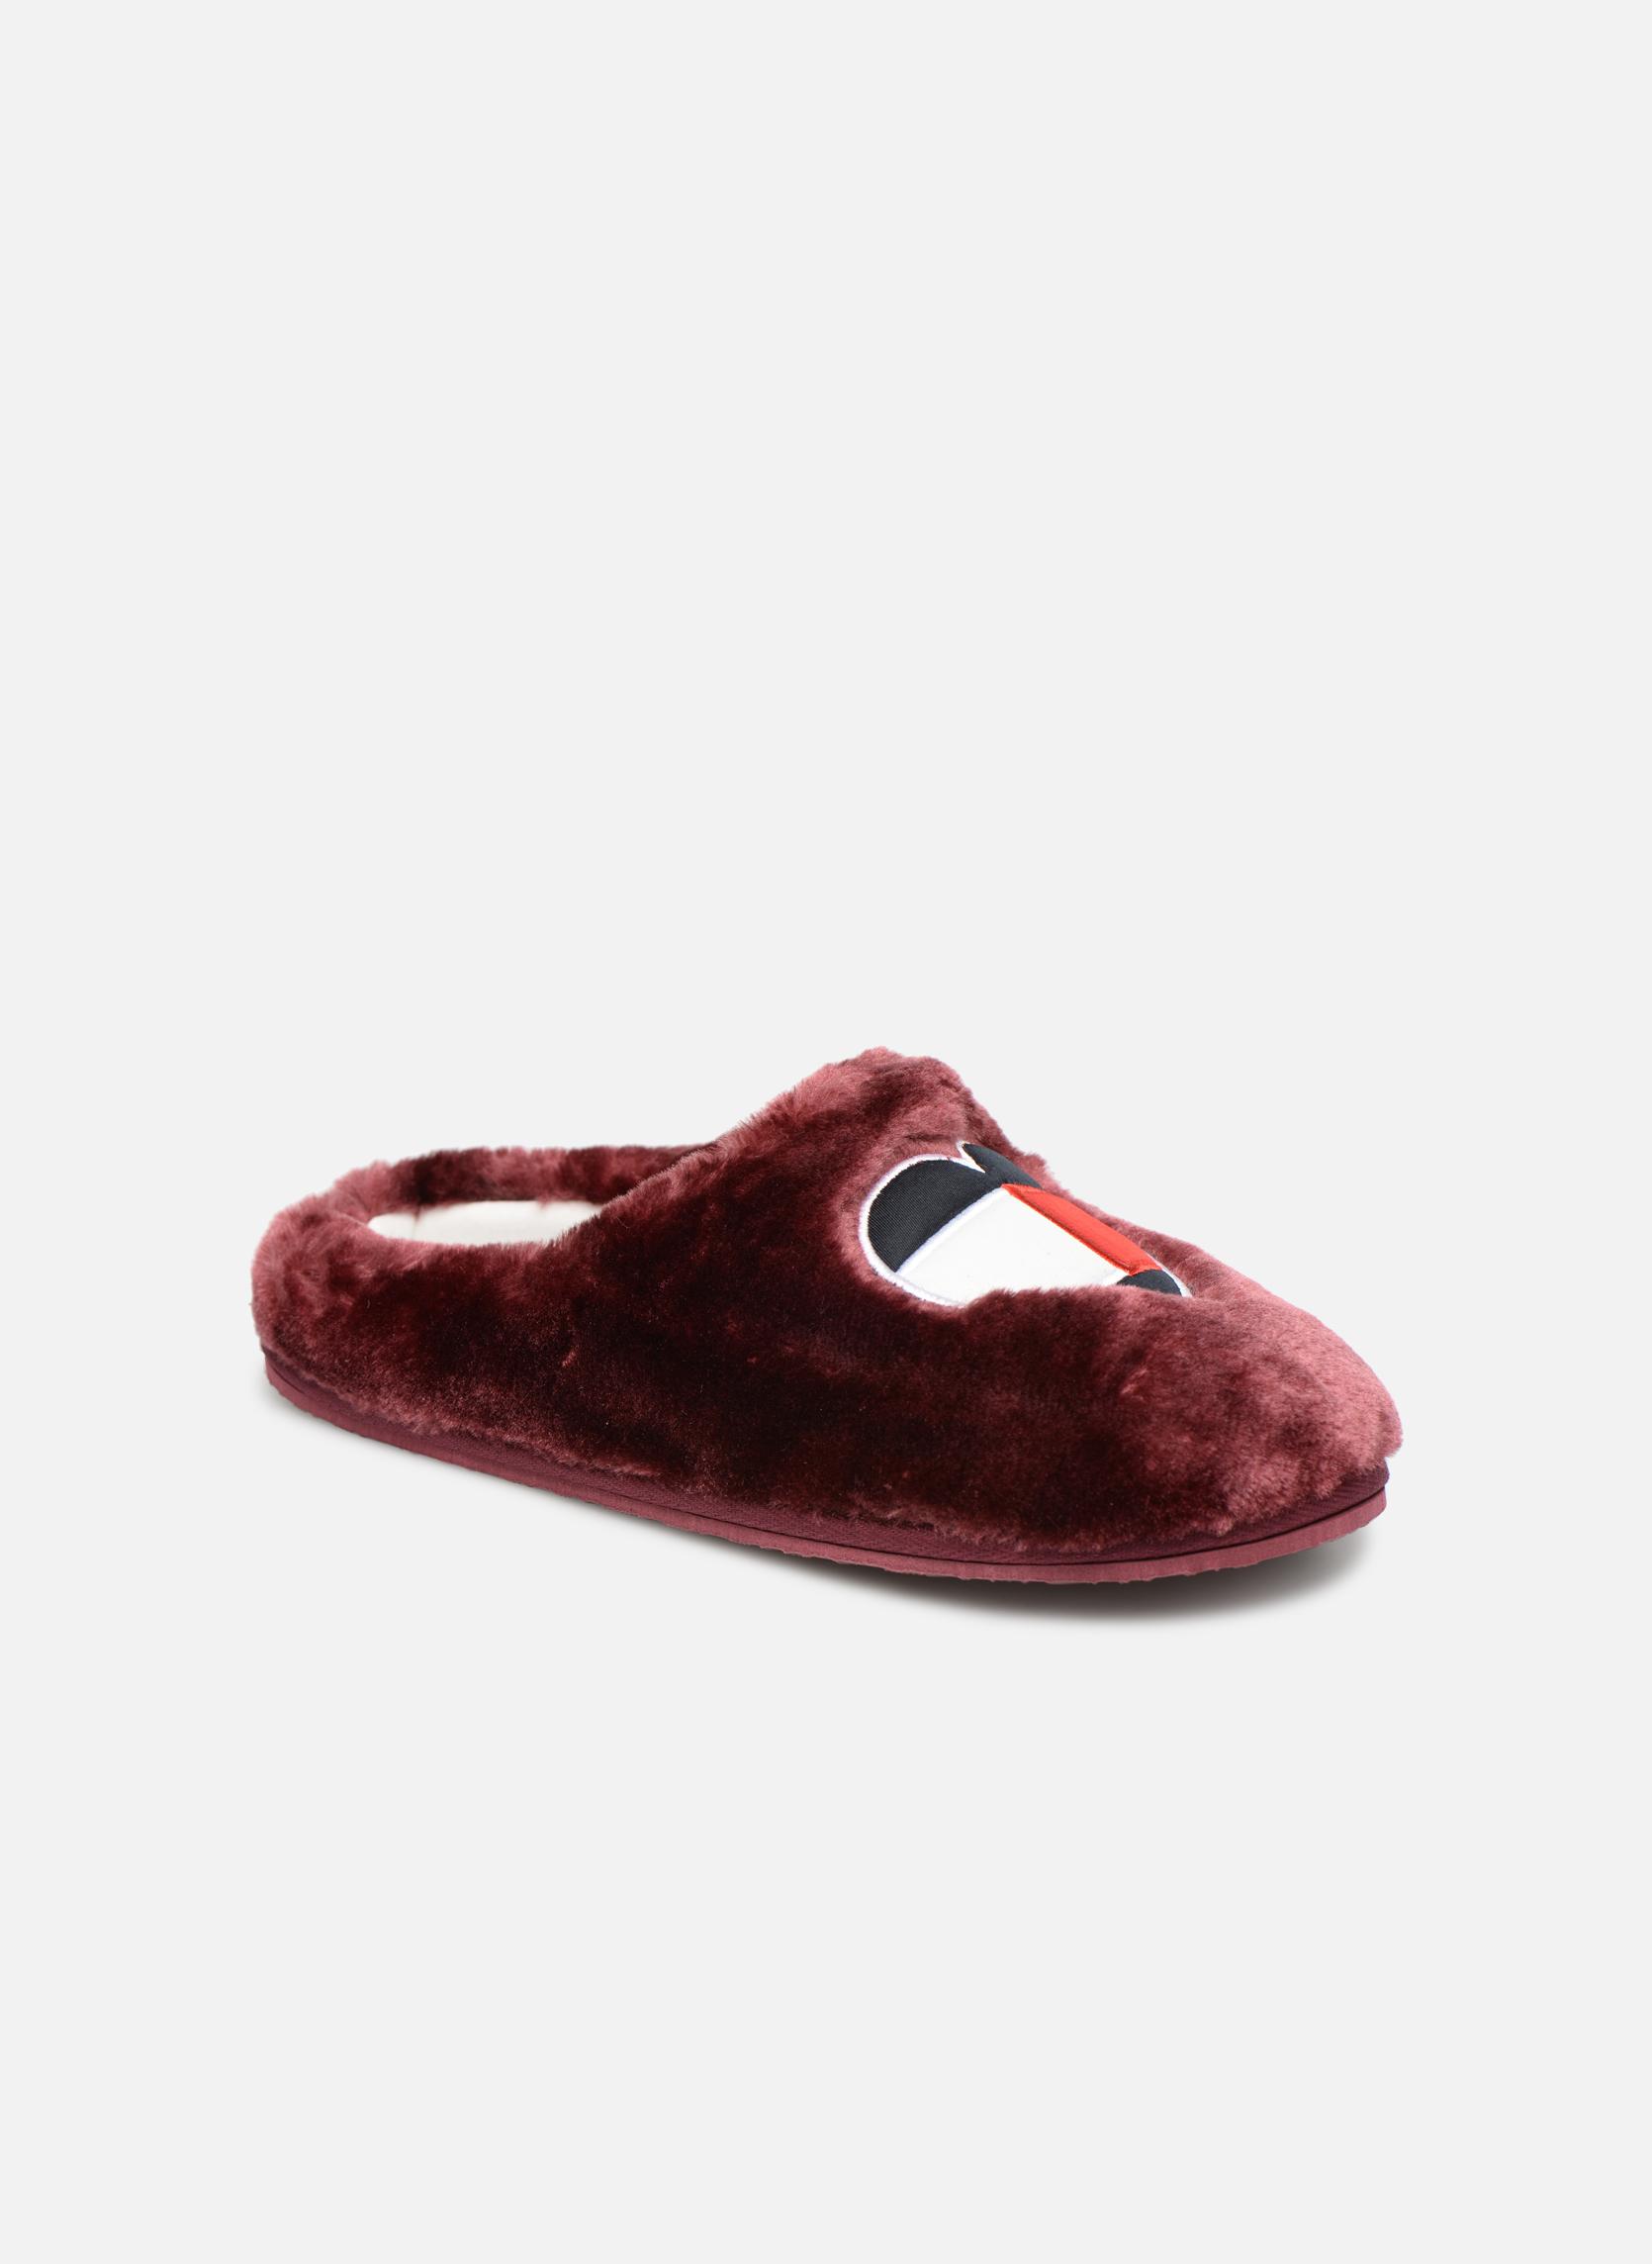 Pantoffels Tommy Hilfiger Bordeaux